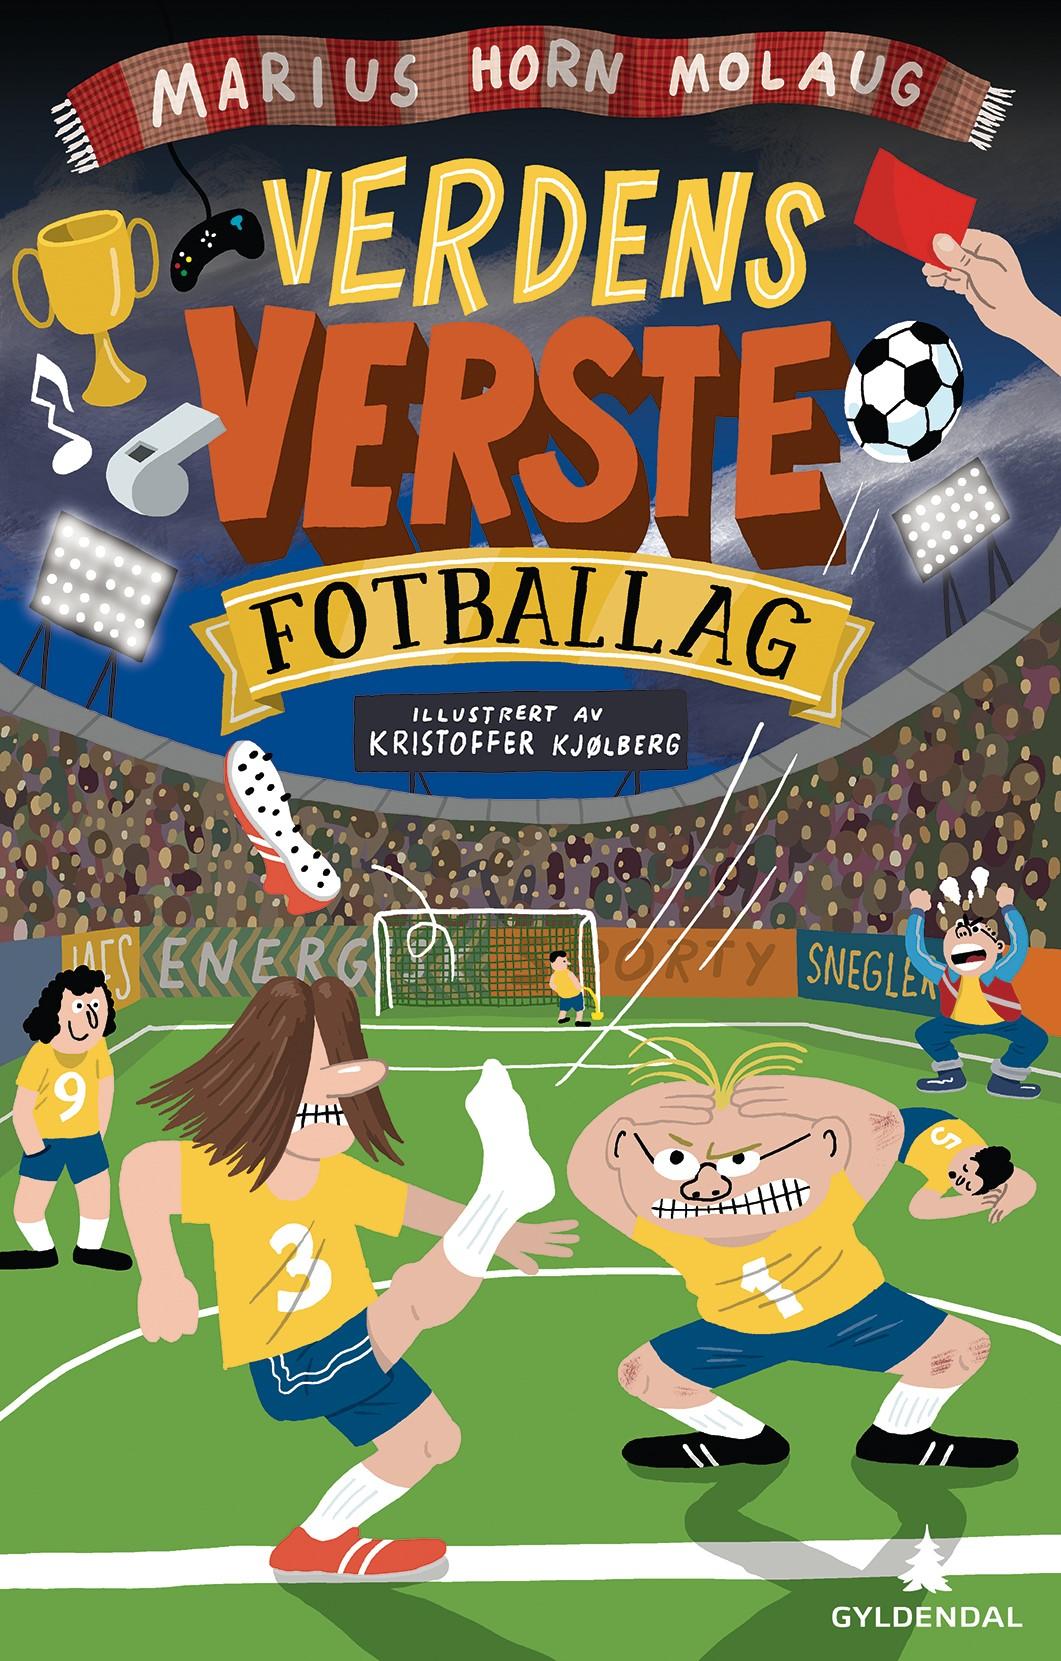 Verdens-verste-fotballag_Fotokreditering-Gyldendal